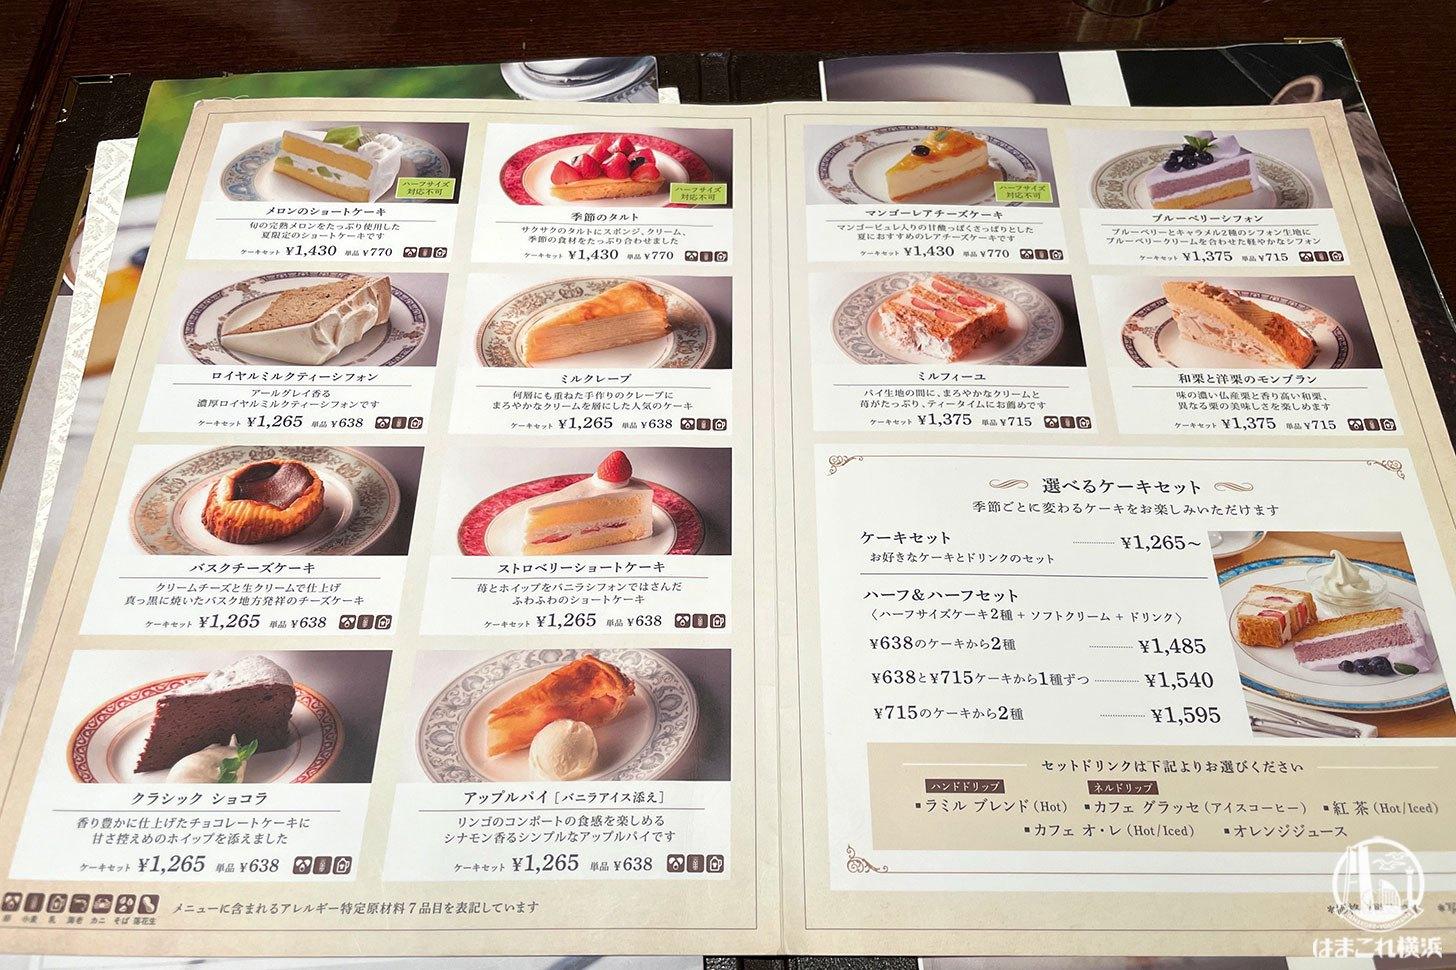 カフェ ラ・ミル 横浜ジョイナス クラシック店 メニュー